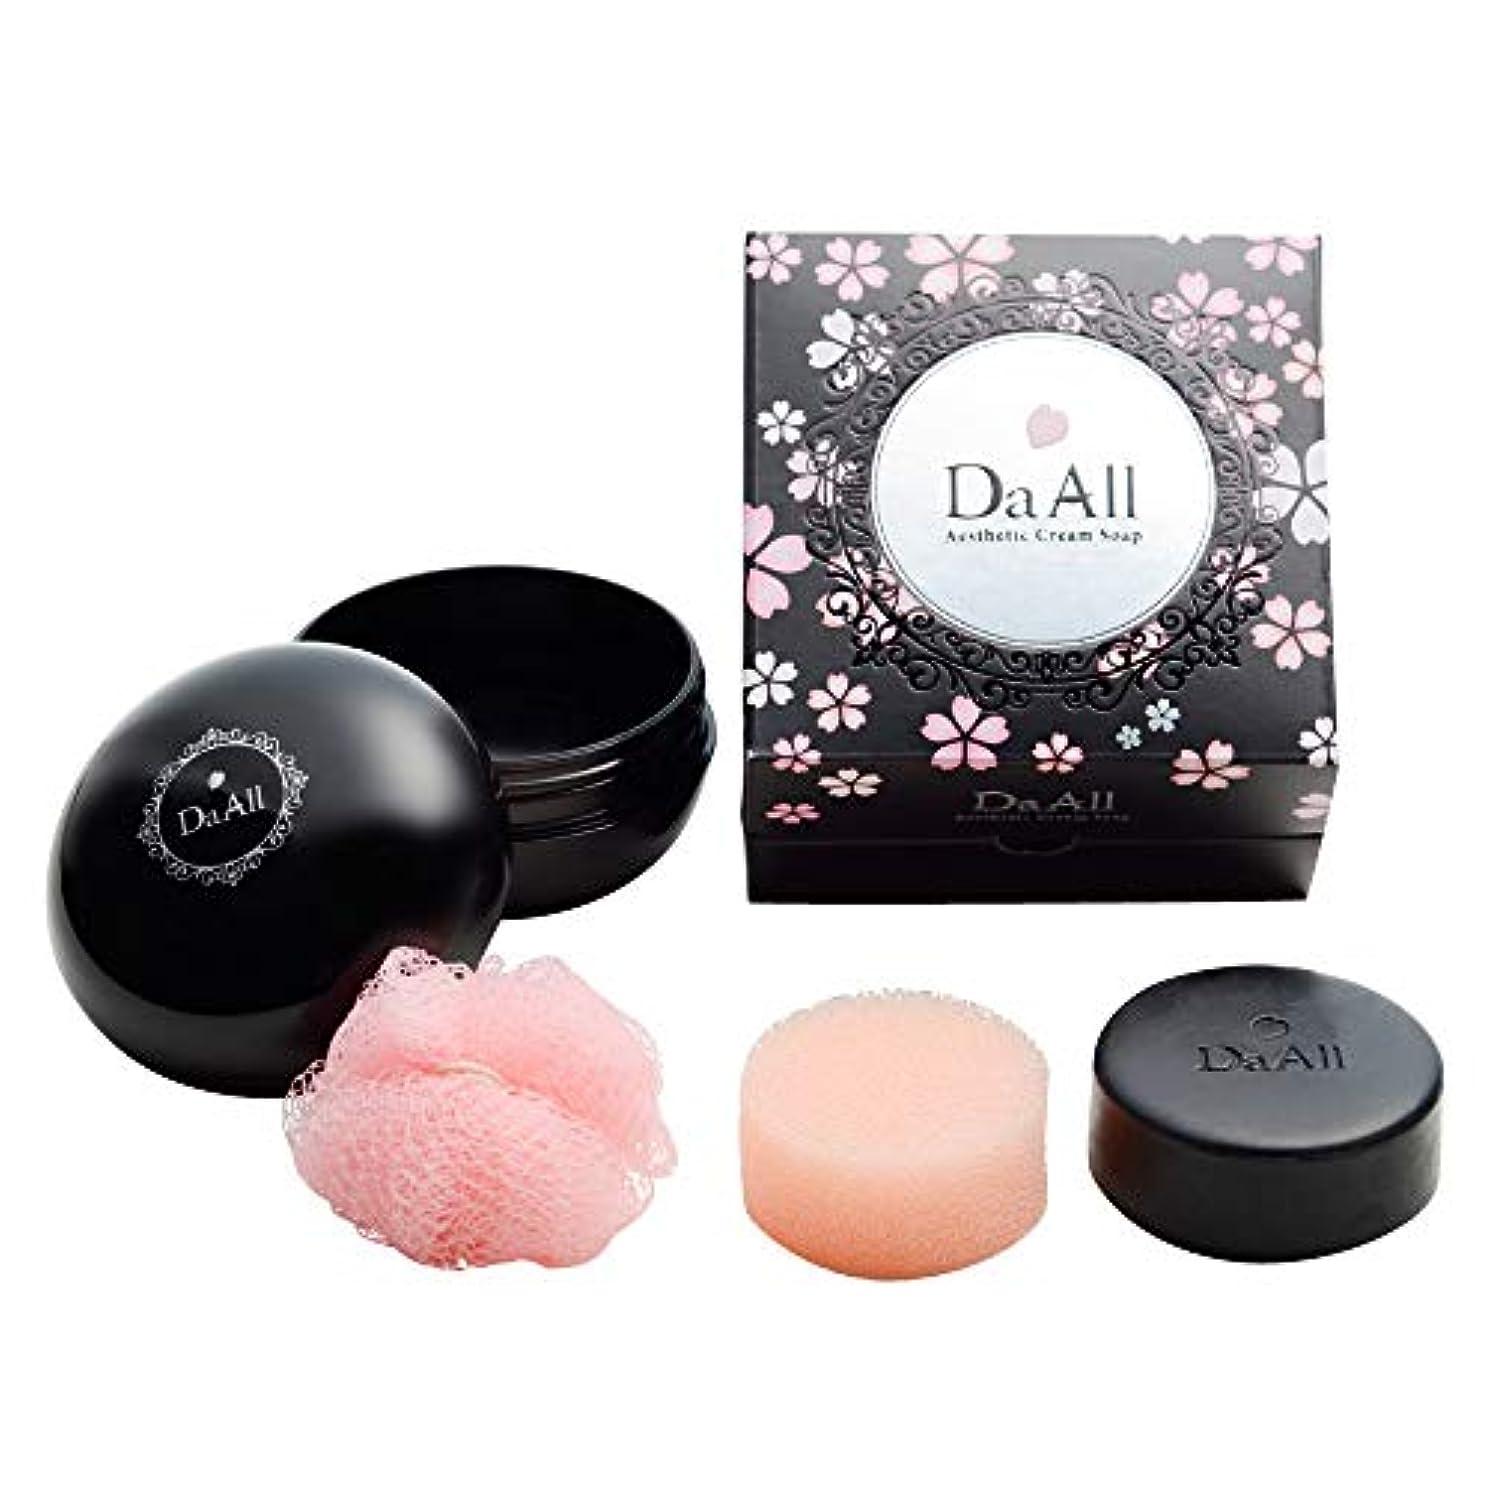 シンボル一緒にローン日本製 美容成分高配合洗顔石鹸 メイク落とし 洗顔 保湿 ダオルエステティッククリームソープ マカロンケースセット